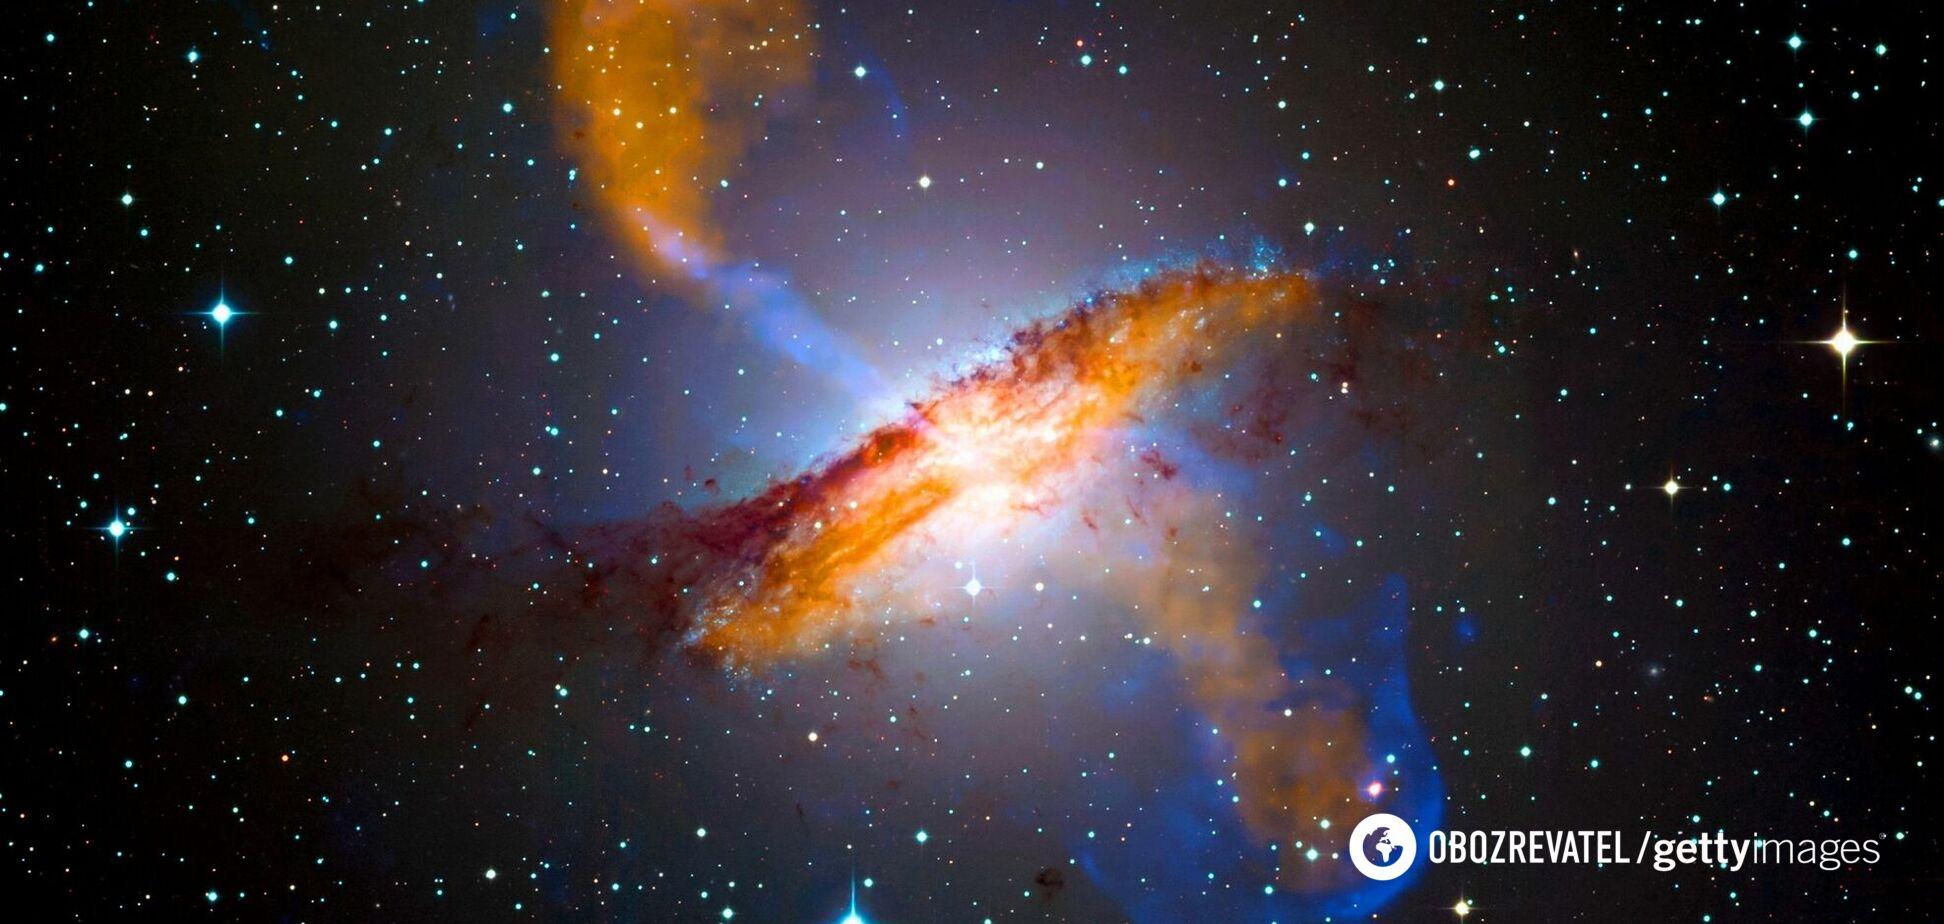 Ученые показали фото огромной галактики, окруженной нитями пыли: находится относительно близко к Земле